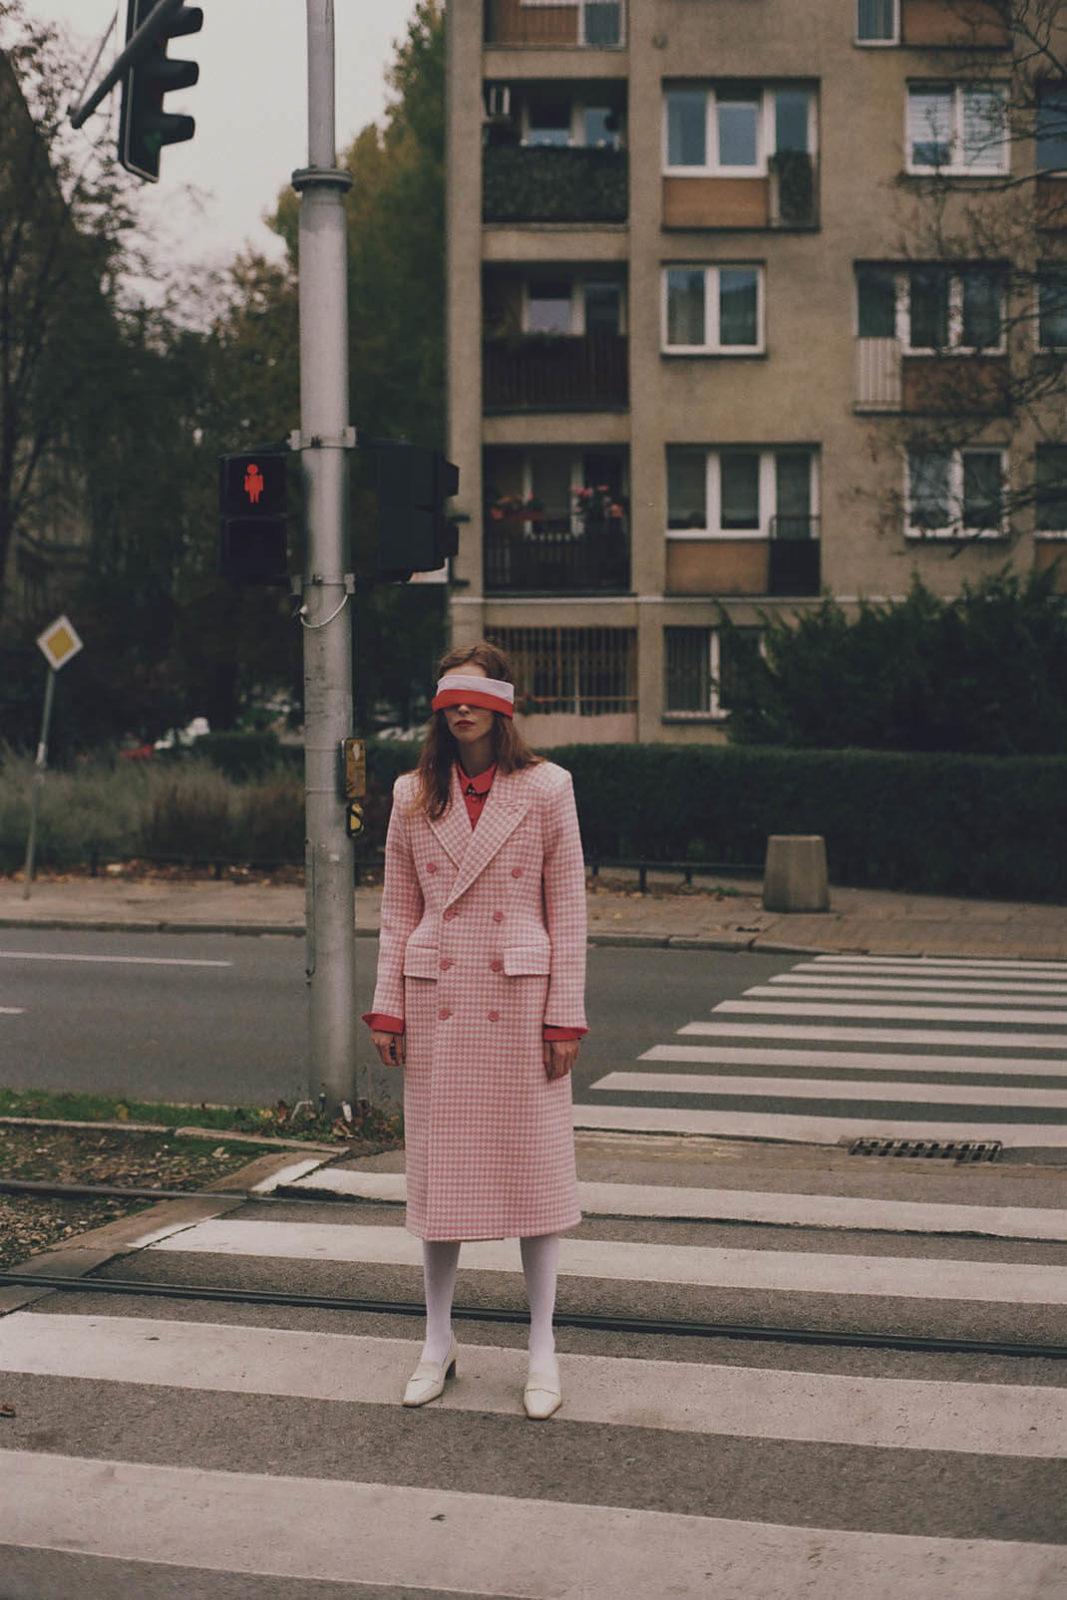 kobieta z biało czerwoną przepaską na oczach stoi na przejściu dla pieszych